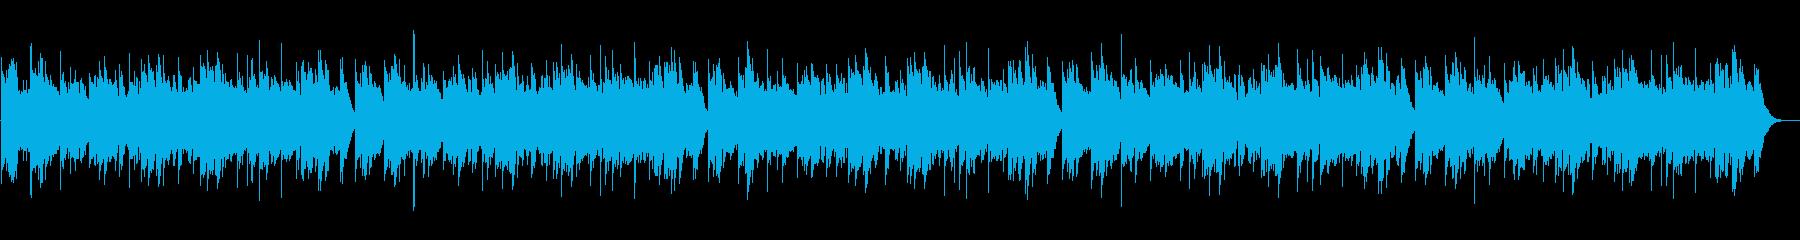 きよしこの夜 / オルゴールの再生済みの波形